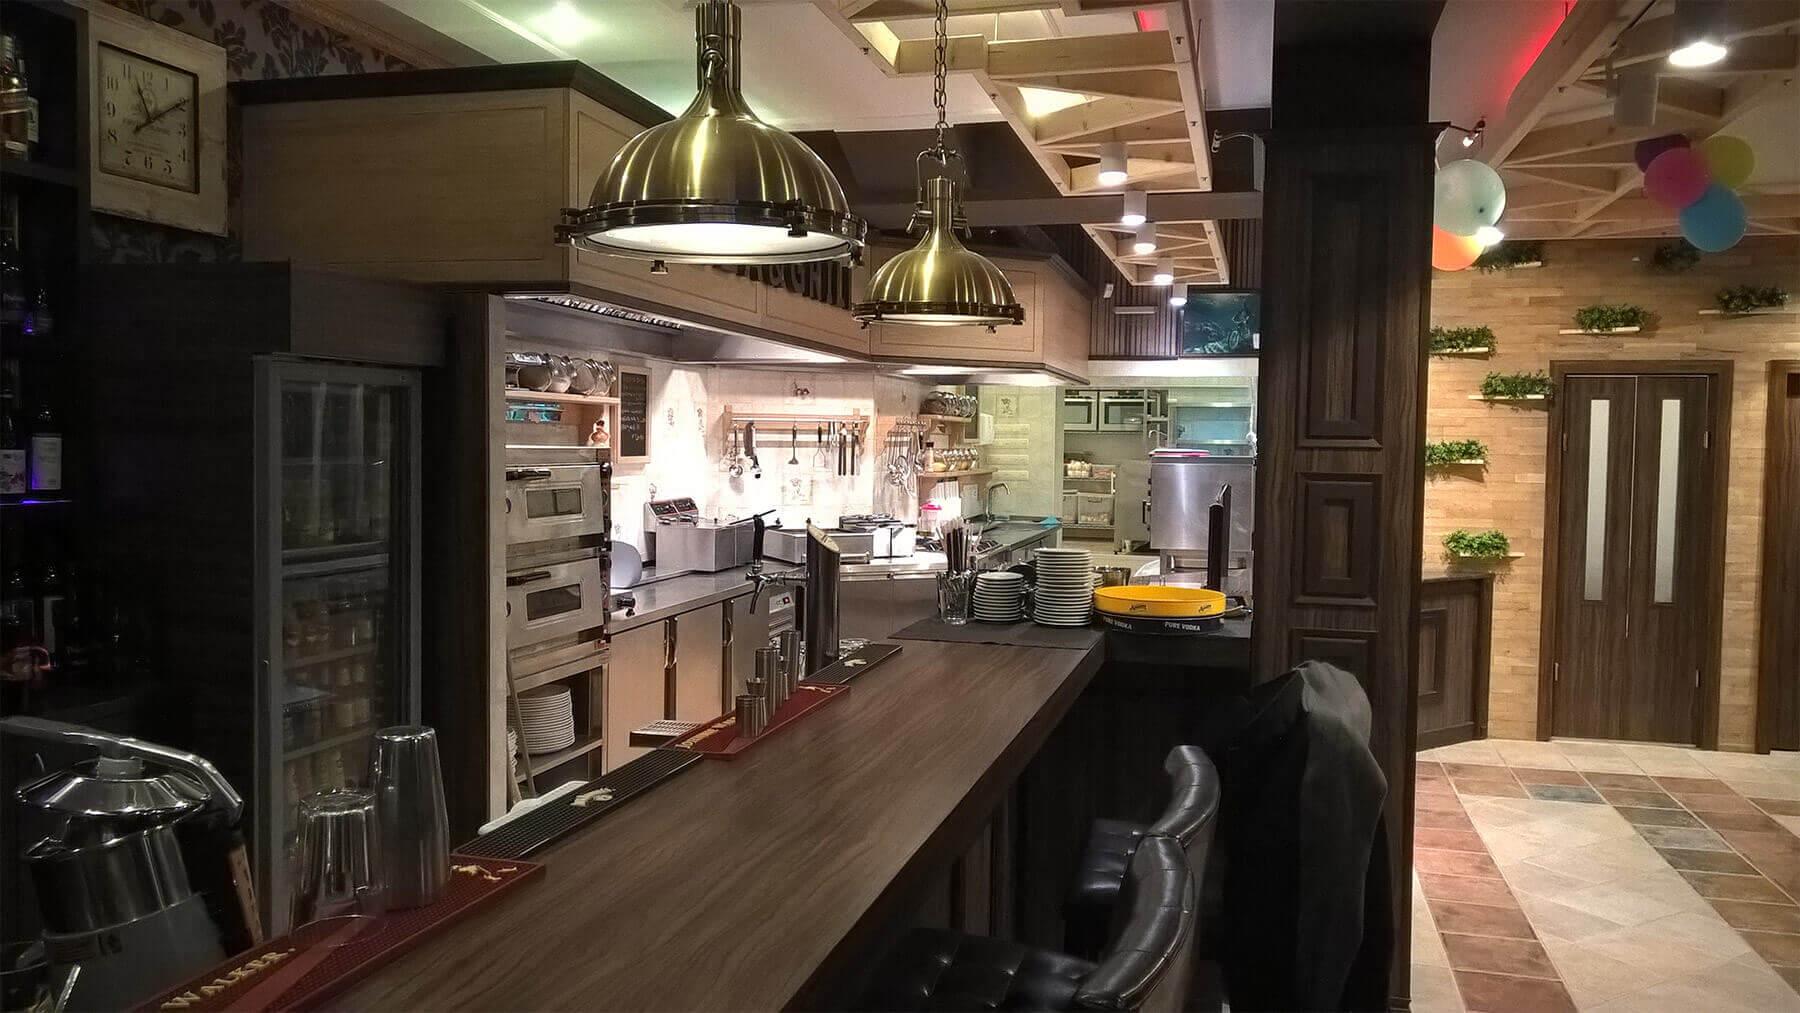 Pizza Bar Capris - Resurant Interior 1